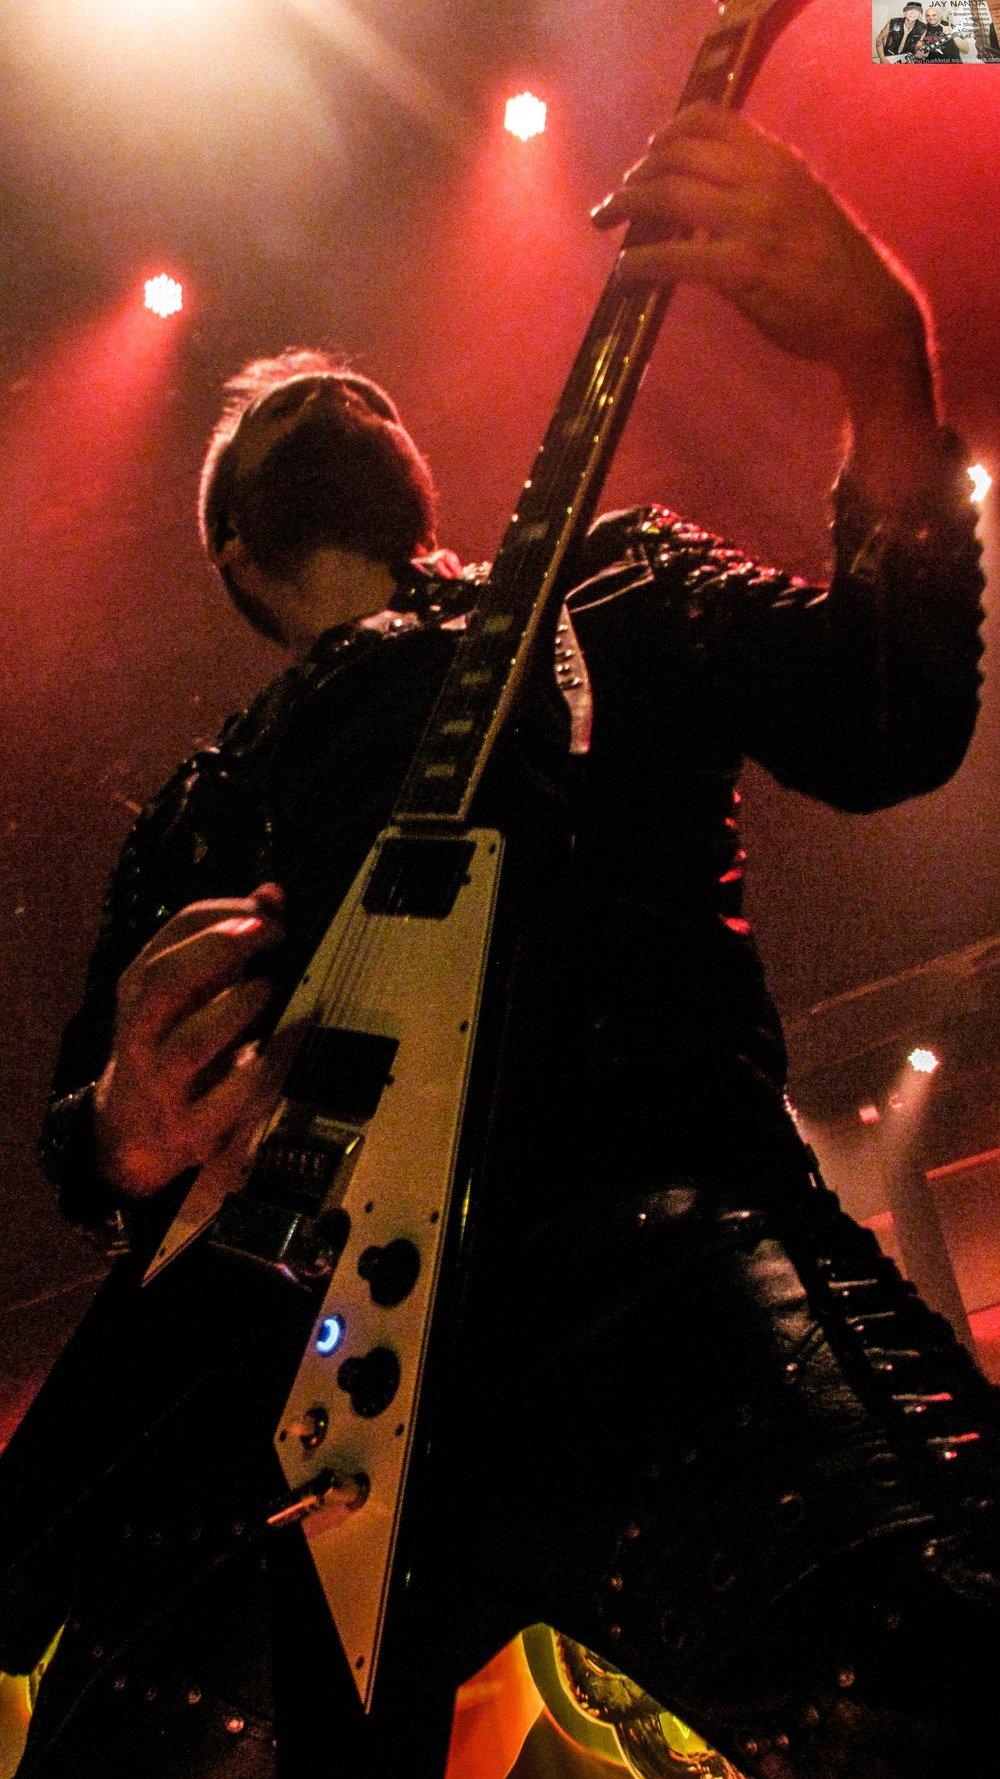 Judas Priest 36.jpg